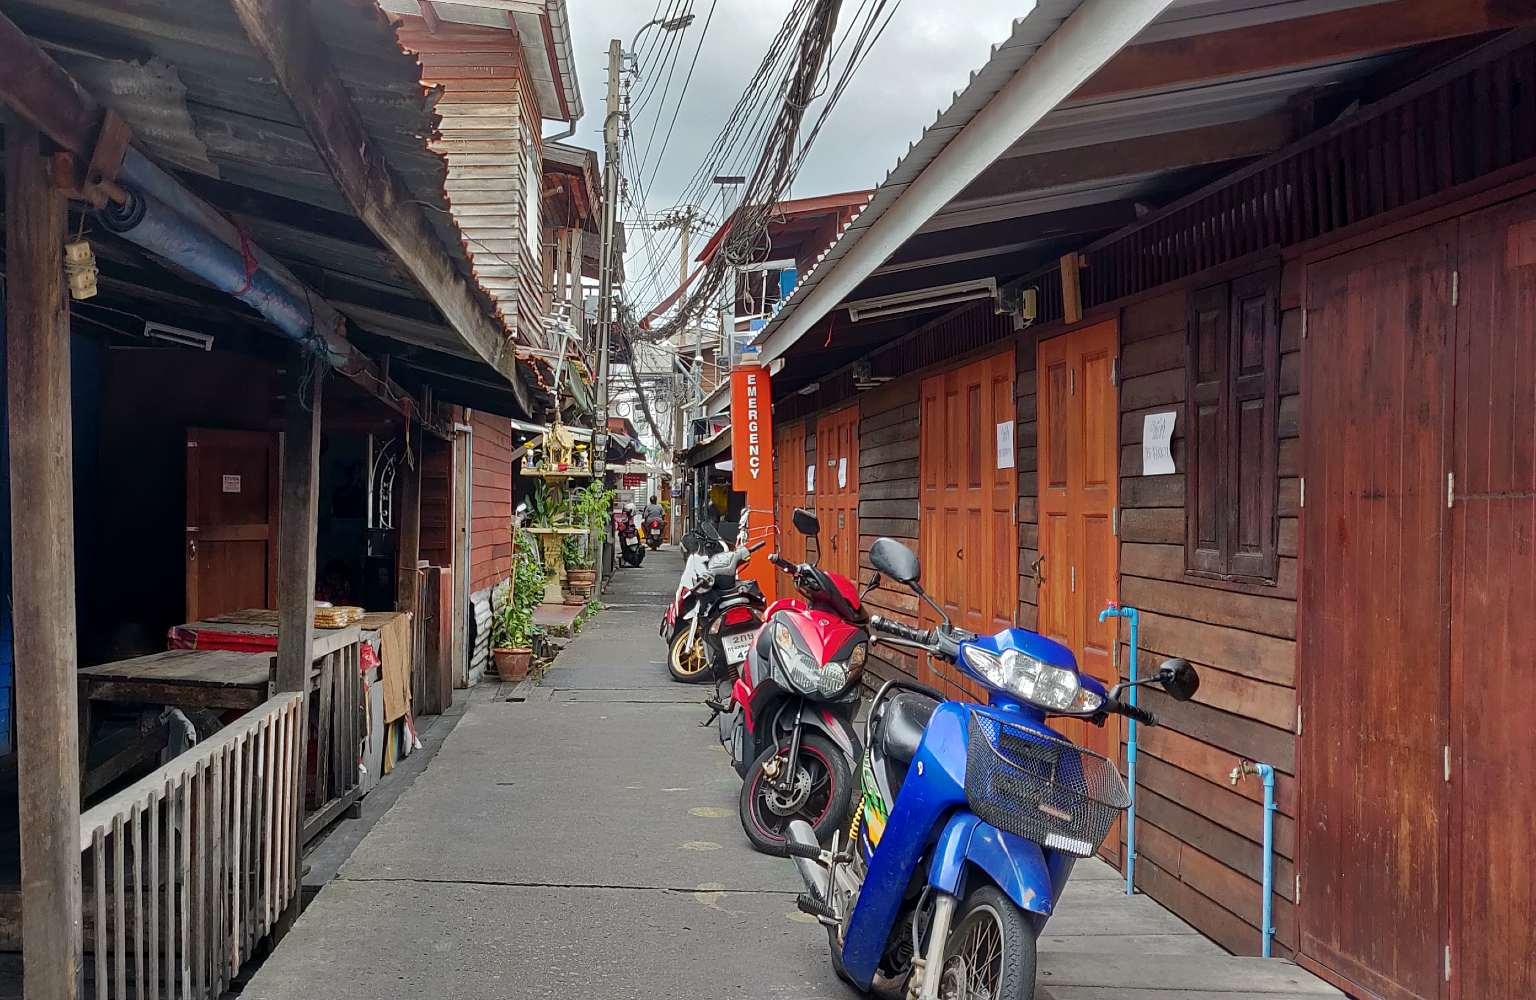 Smal straatje met houtenhuizen in Thonburi